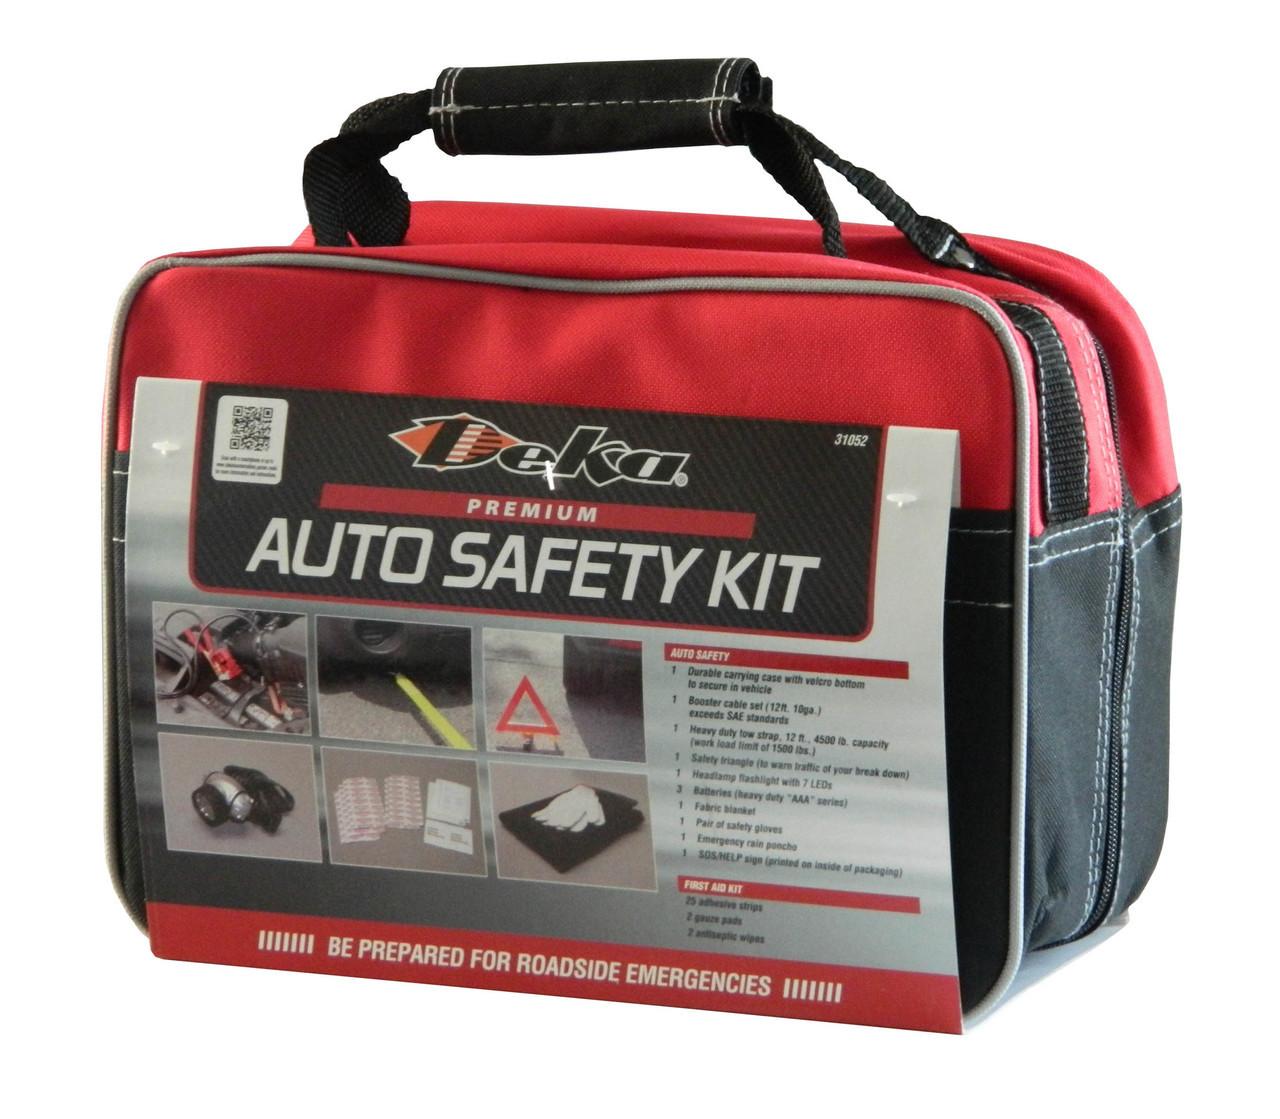 ESK31052 --- Auto Safety Kit - Large